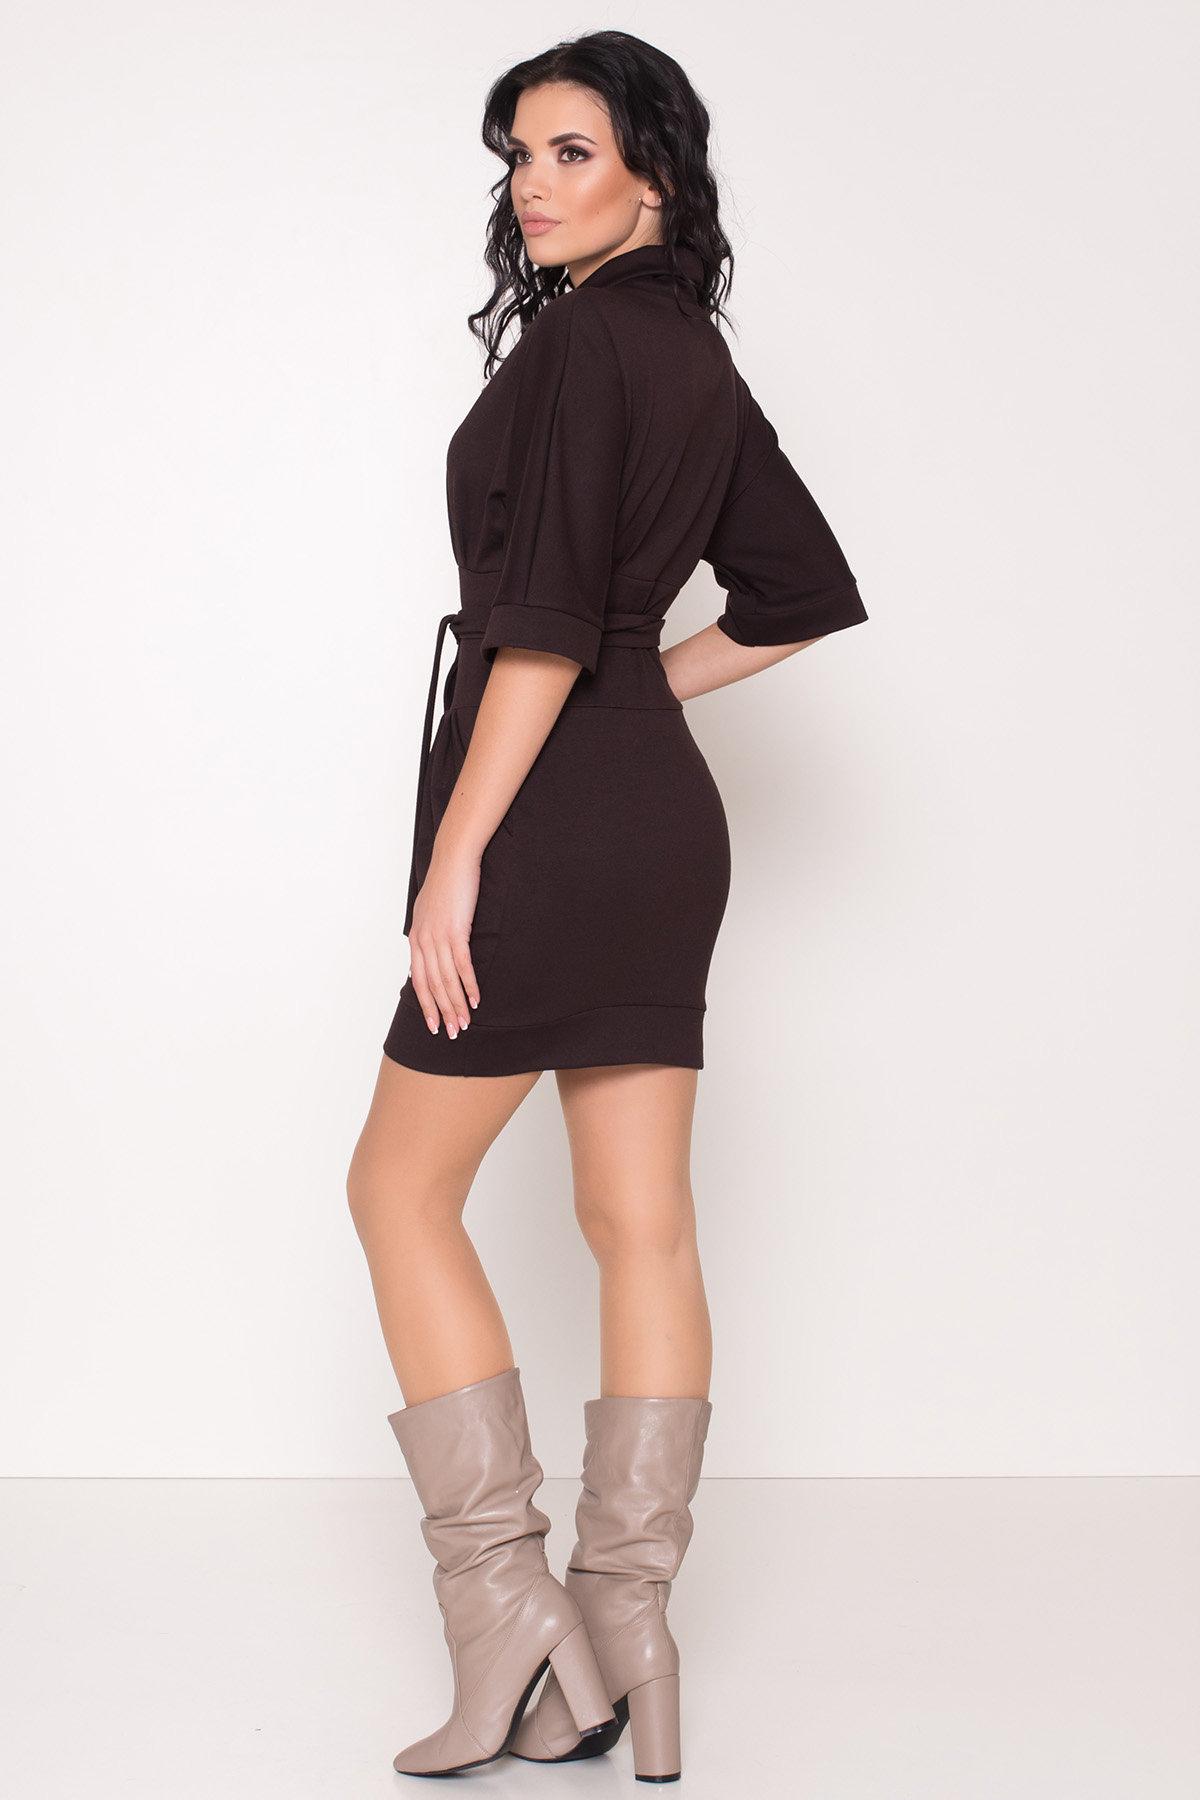 Трикотажное платье Вассаби 8478 АРТ. 44906 Цвет: Шоколад - фото 4, интернет магазин tm-modus.ru